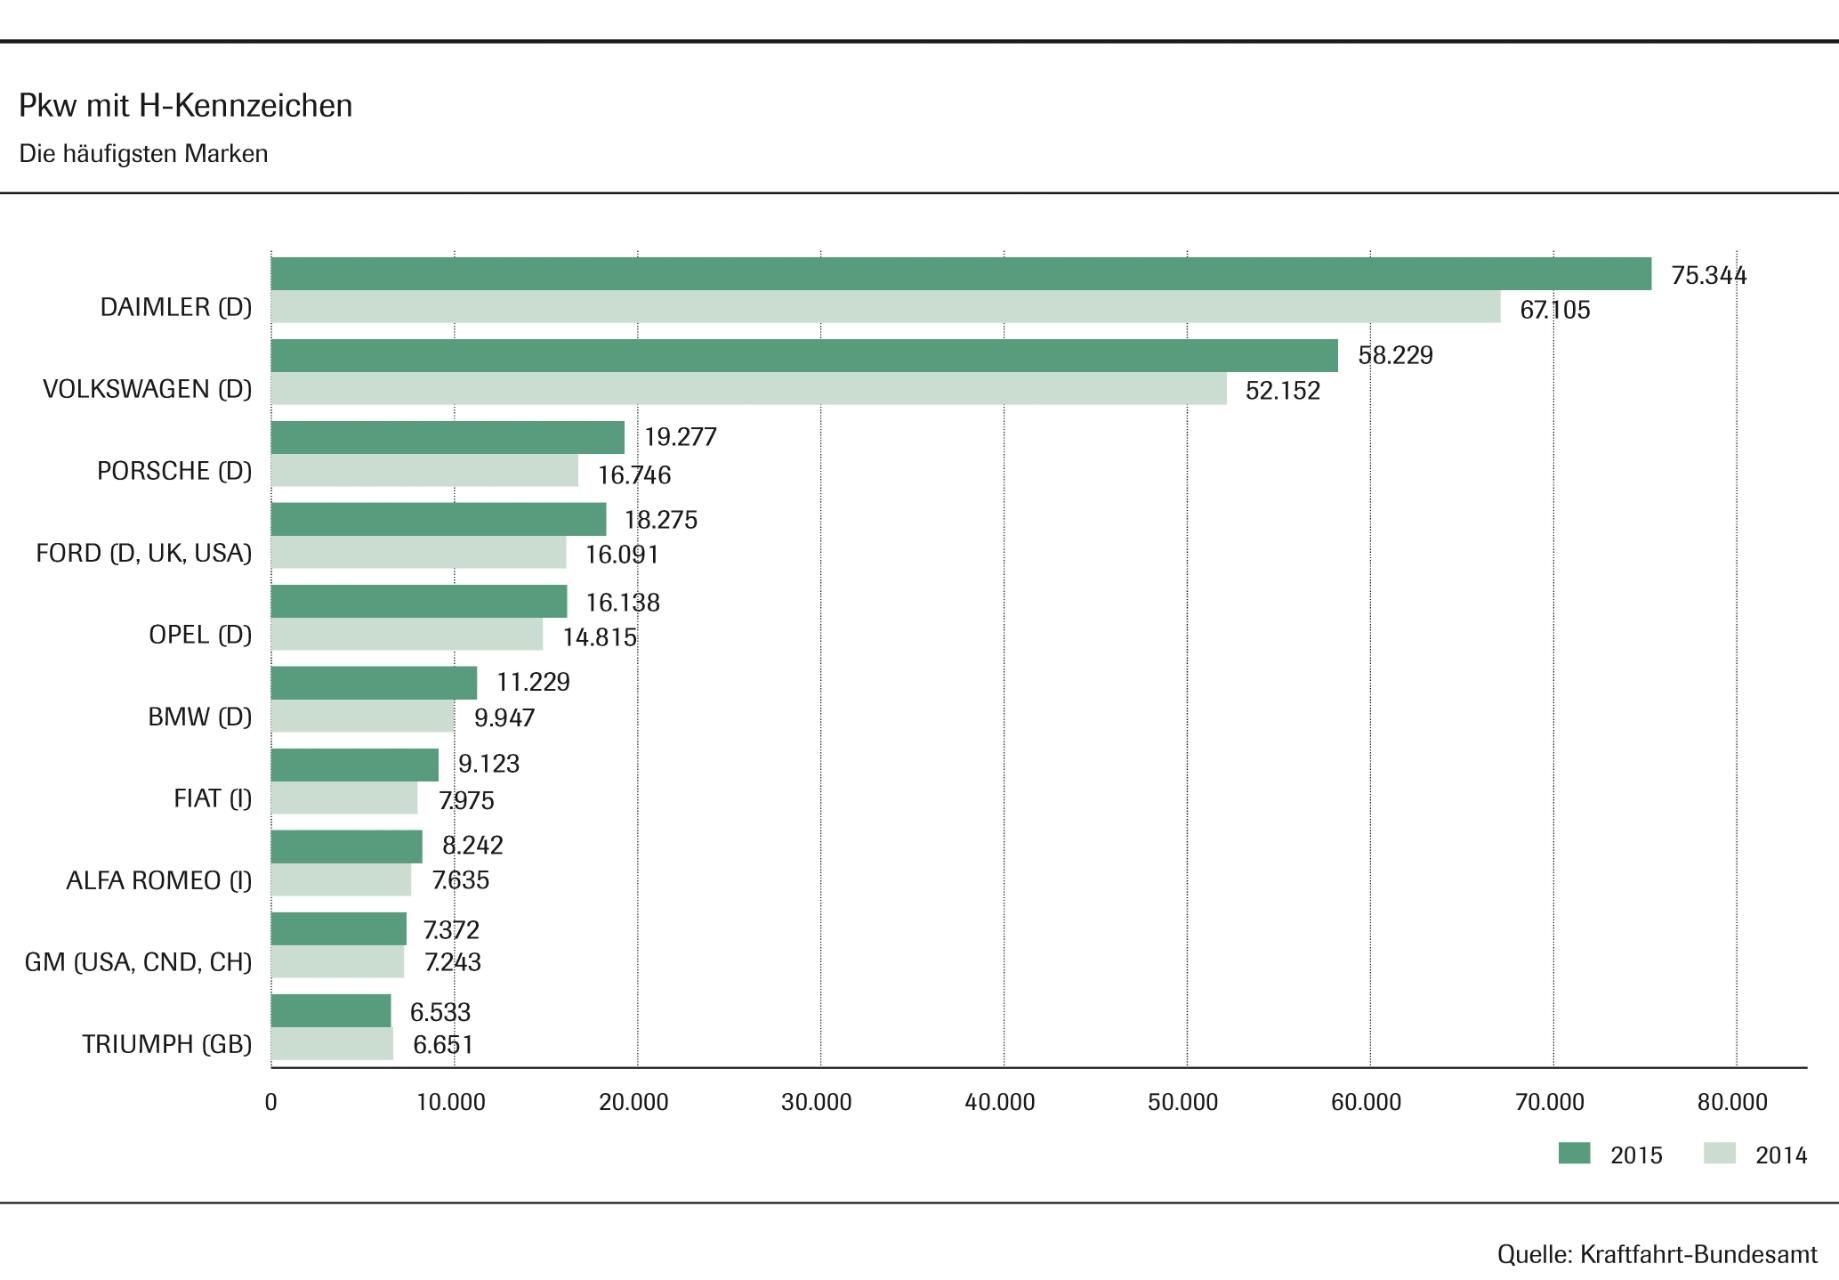 PKW mit H-Kennzeichen - die häufigsten Marken (Grafik: VDA/Kraftfahrt Bundesamt)